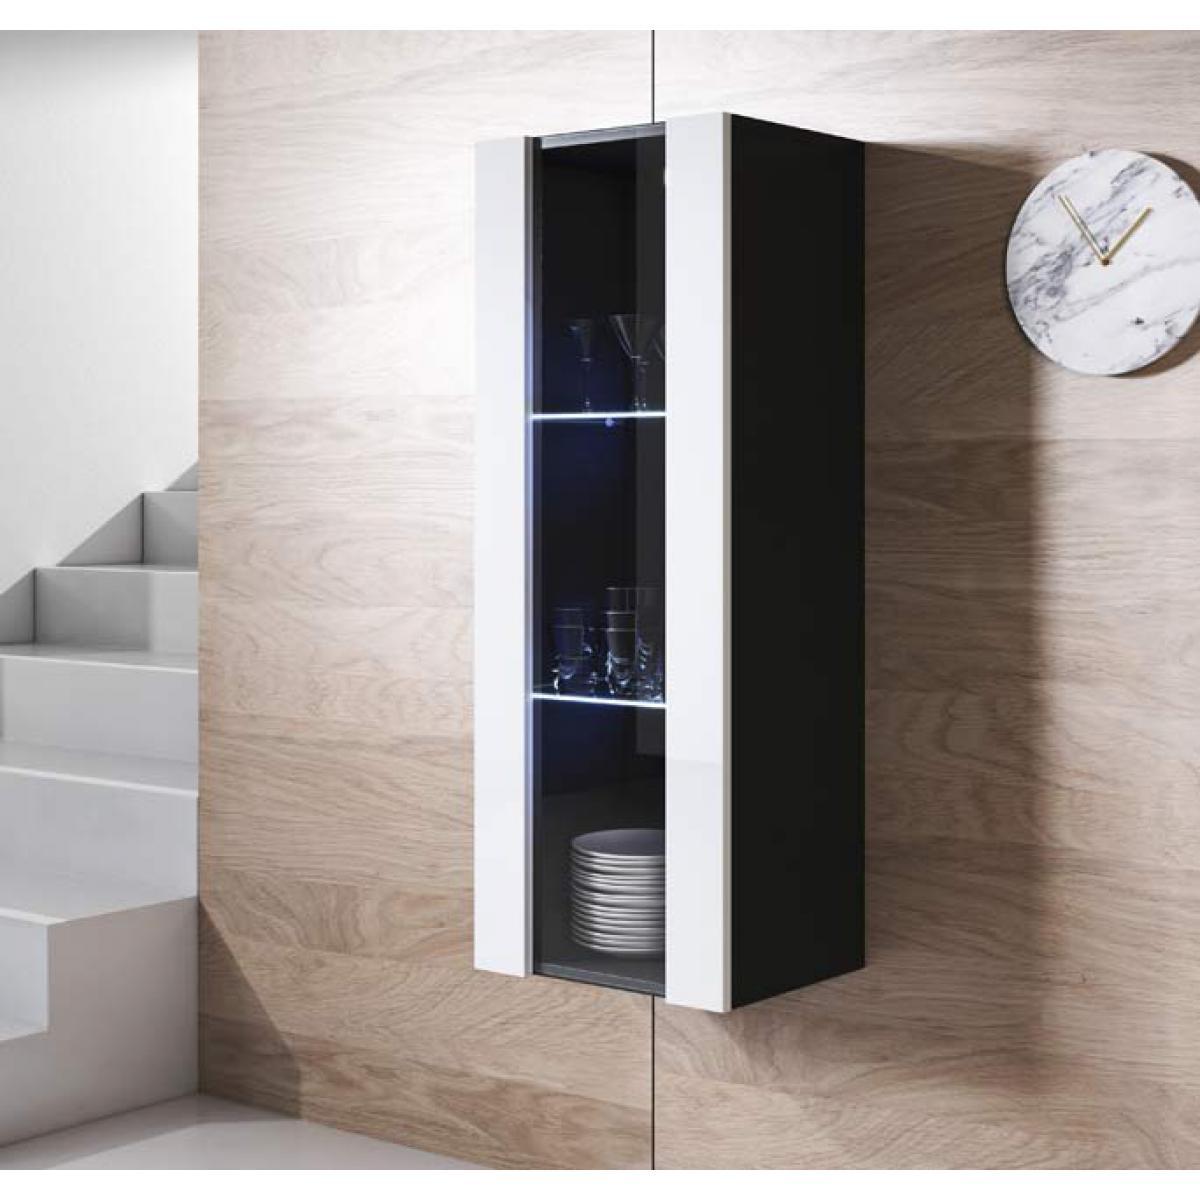 Design Ameublement Armoire mural modèle Luke V2 (40x126cm) couleur noir et blanc